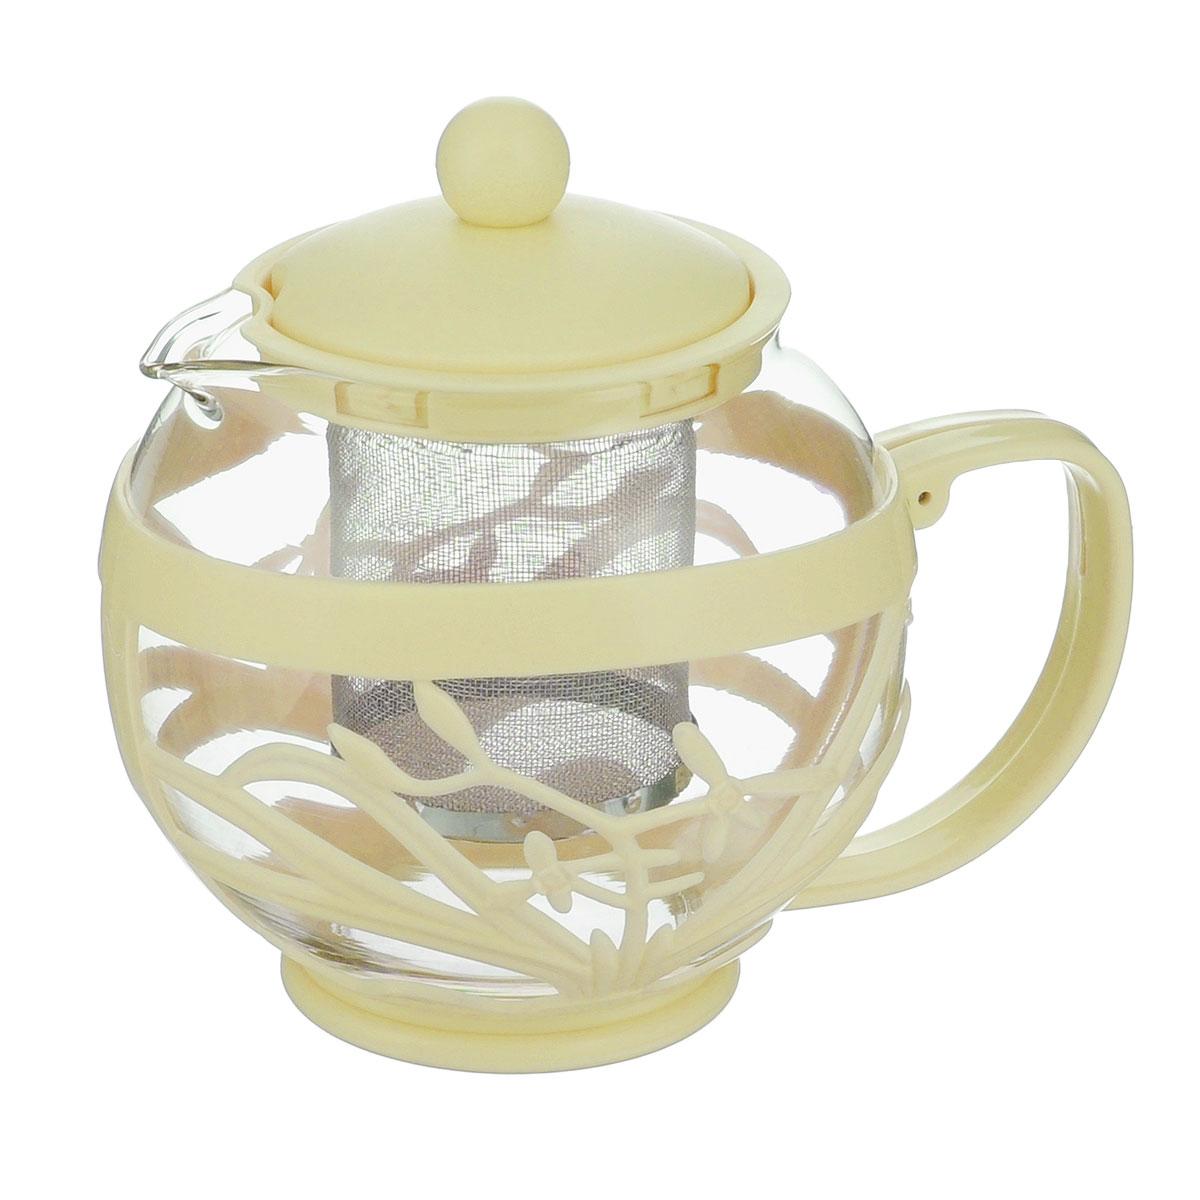 Чайник заварочный Menu Мелисса, с фильтром, цвет: прозрачный, кремовый, 750 млMLS-75_кремовыйЧайник Menu Мелисса изготовлен из прочного стекла и пластика. Он прекрасно подойдет для заваривания чая и травяных напитков. Классический стиль и оптимальный объем делают его удобным и оригинальным аксессуаром. Изделие имеет удлиненный металлический фильтр, который обеспечивает высокое качество фильтрации напитка и позволяет заварить чай даже при небольшом уровне воды. Ручка чайника не нагревается и обеспечивает безопасность использования. Нельзя мыть в посудомоечной машине. Диаметр чайника (по верхнему краю): 8 см.Высота чайника (без учета крышки): 11 см.Размер фильтра: 6 х 6 х 7,2 см.